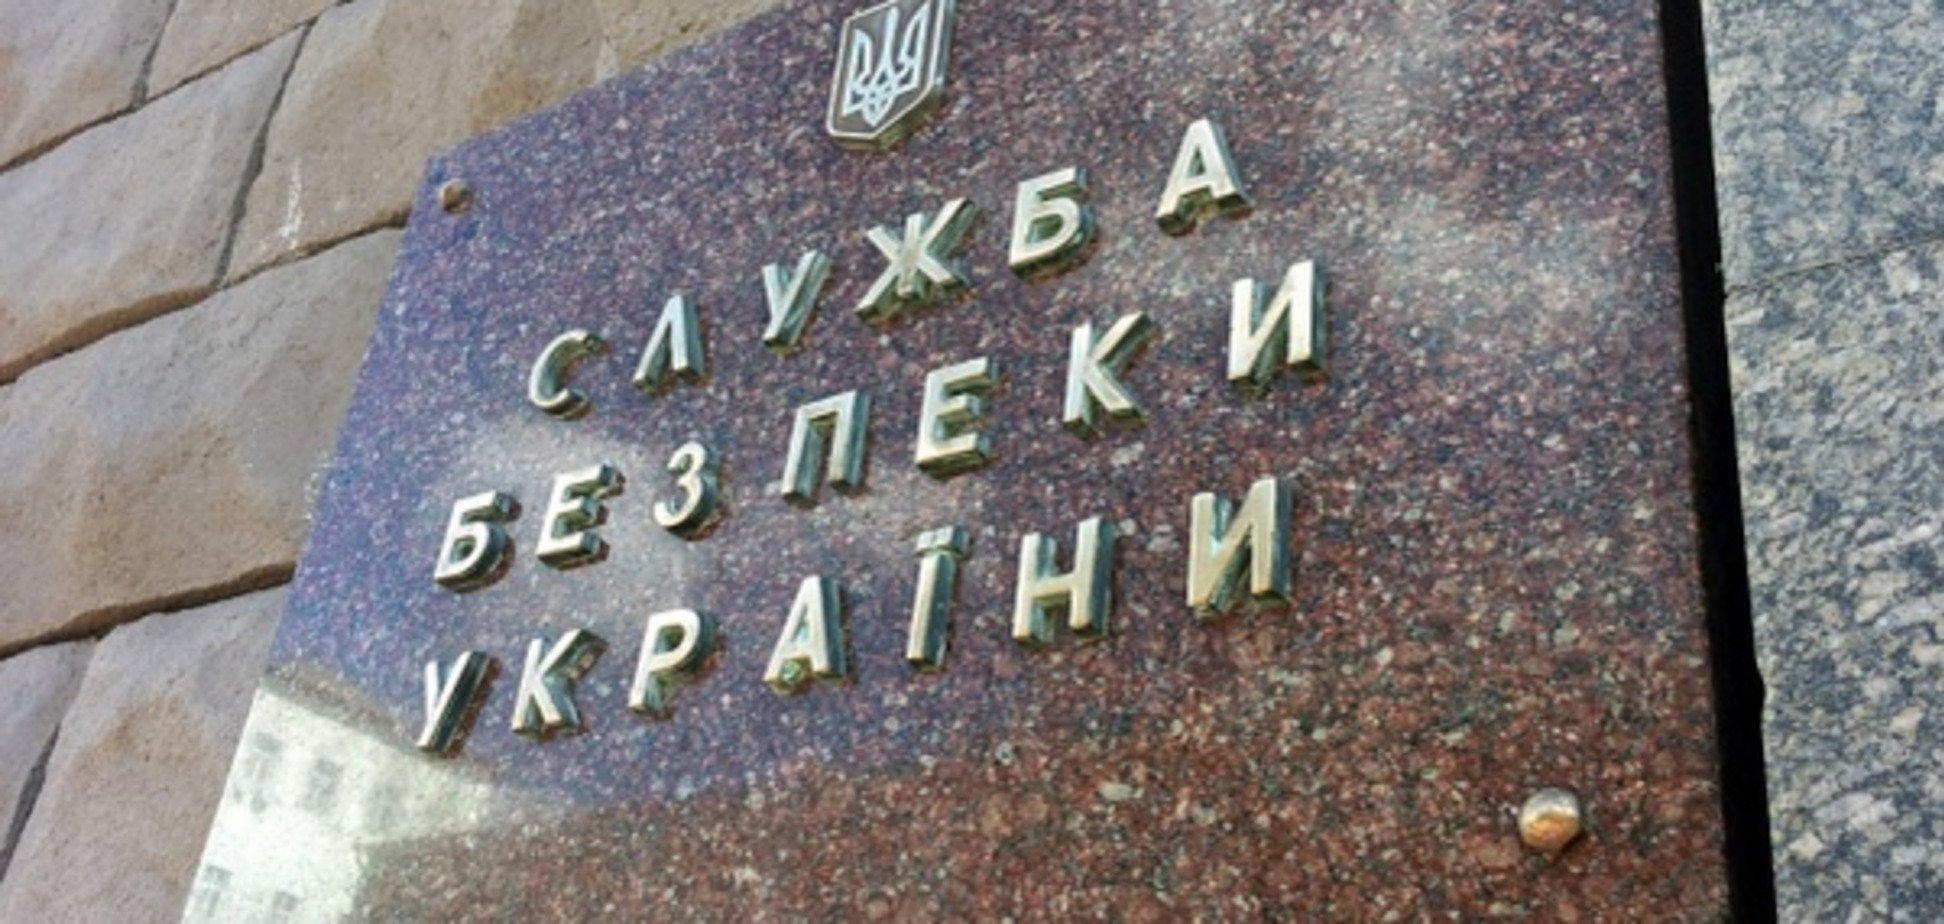 В аптеках України продавали ліки від пневмонії, які могли призвести до смерті